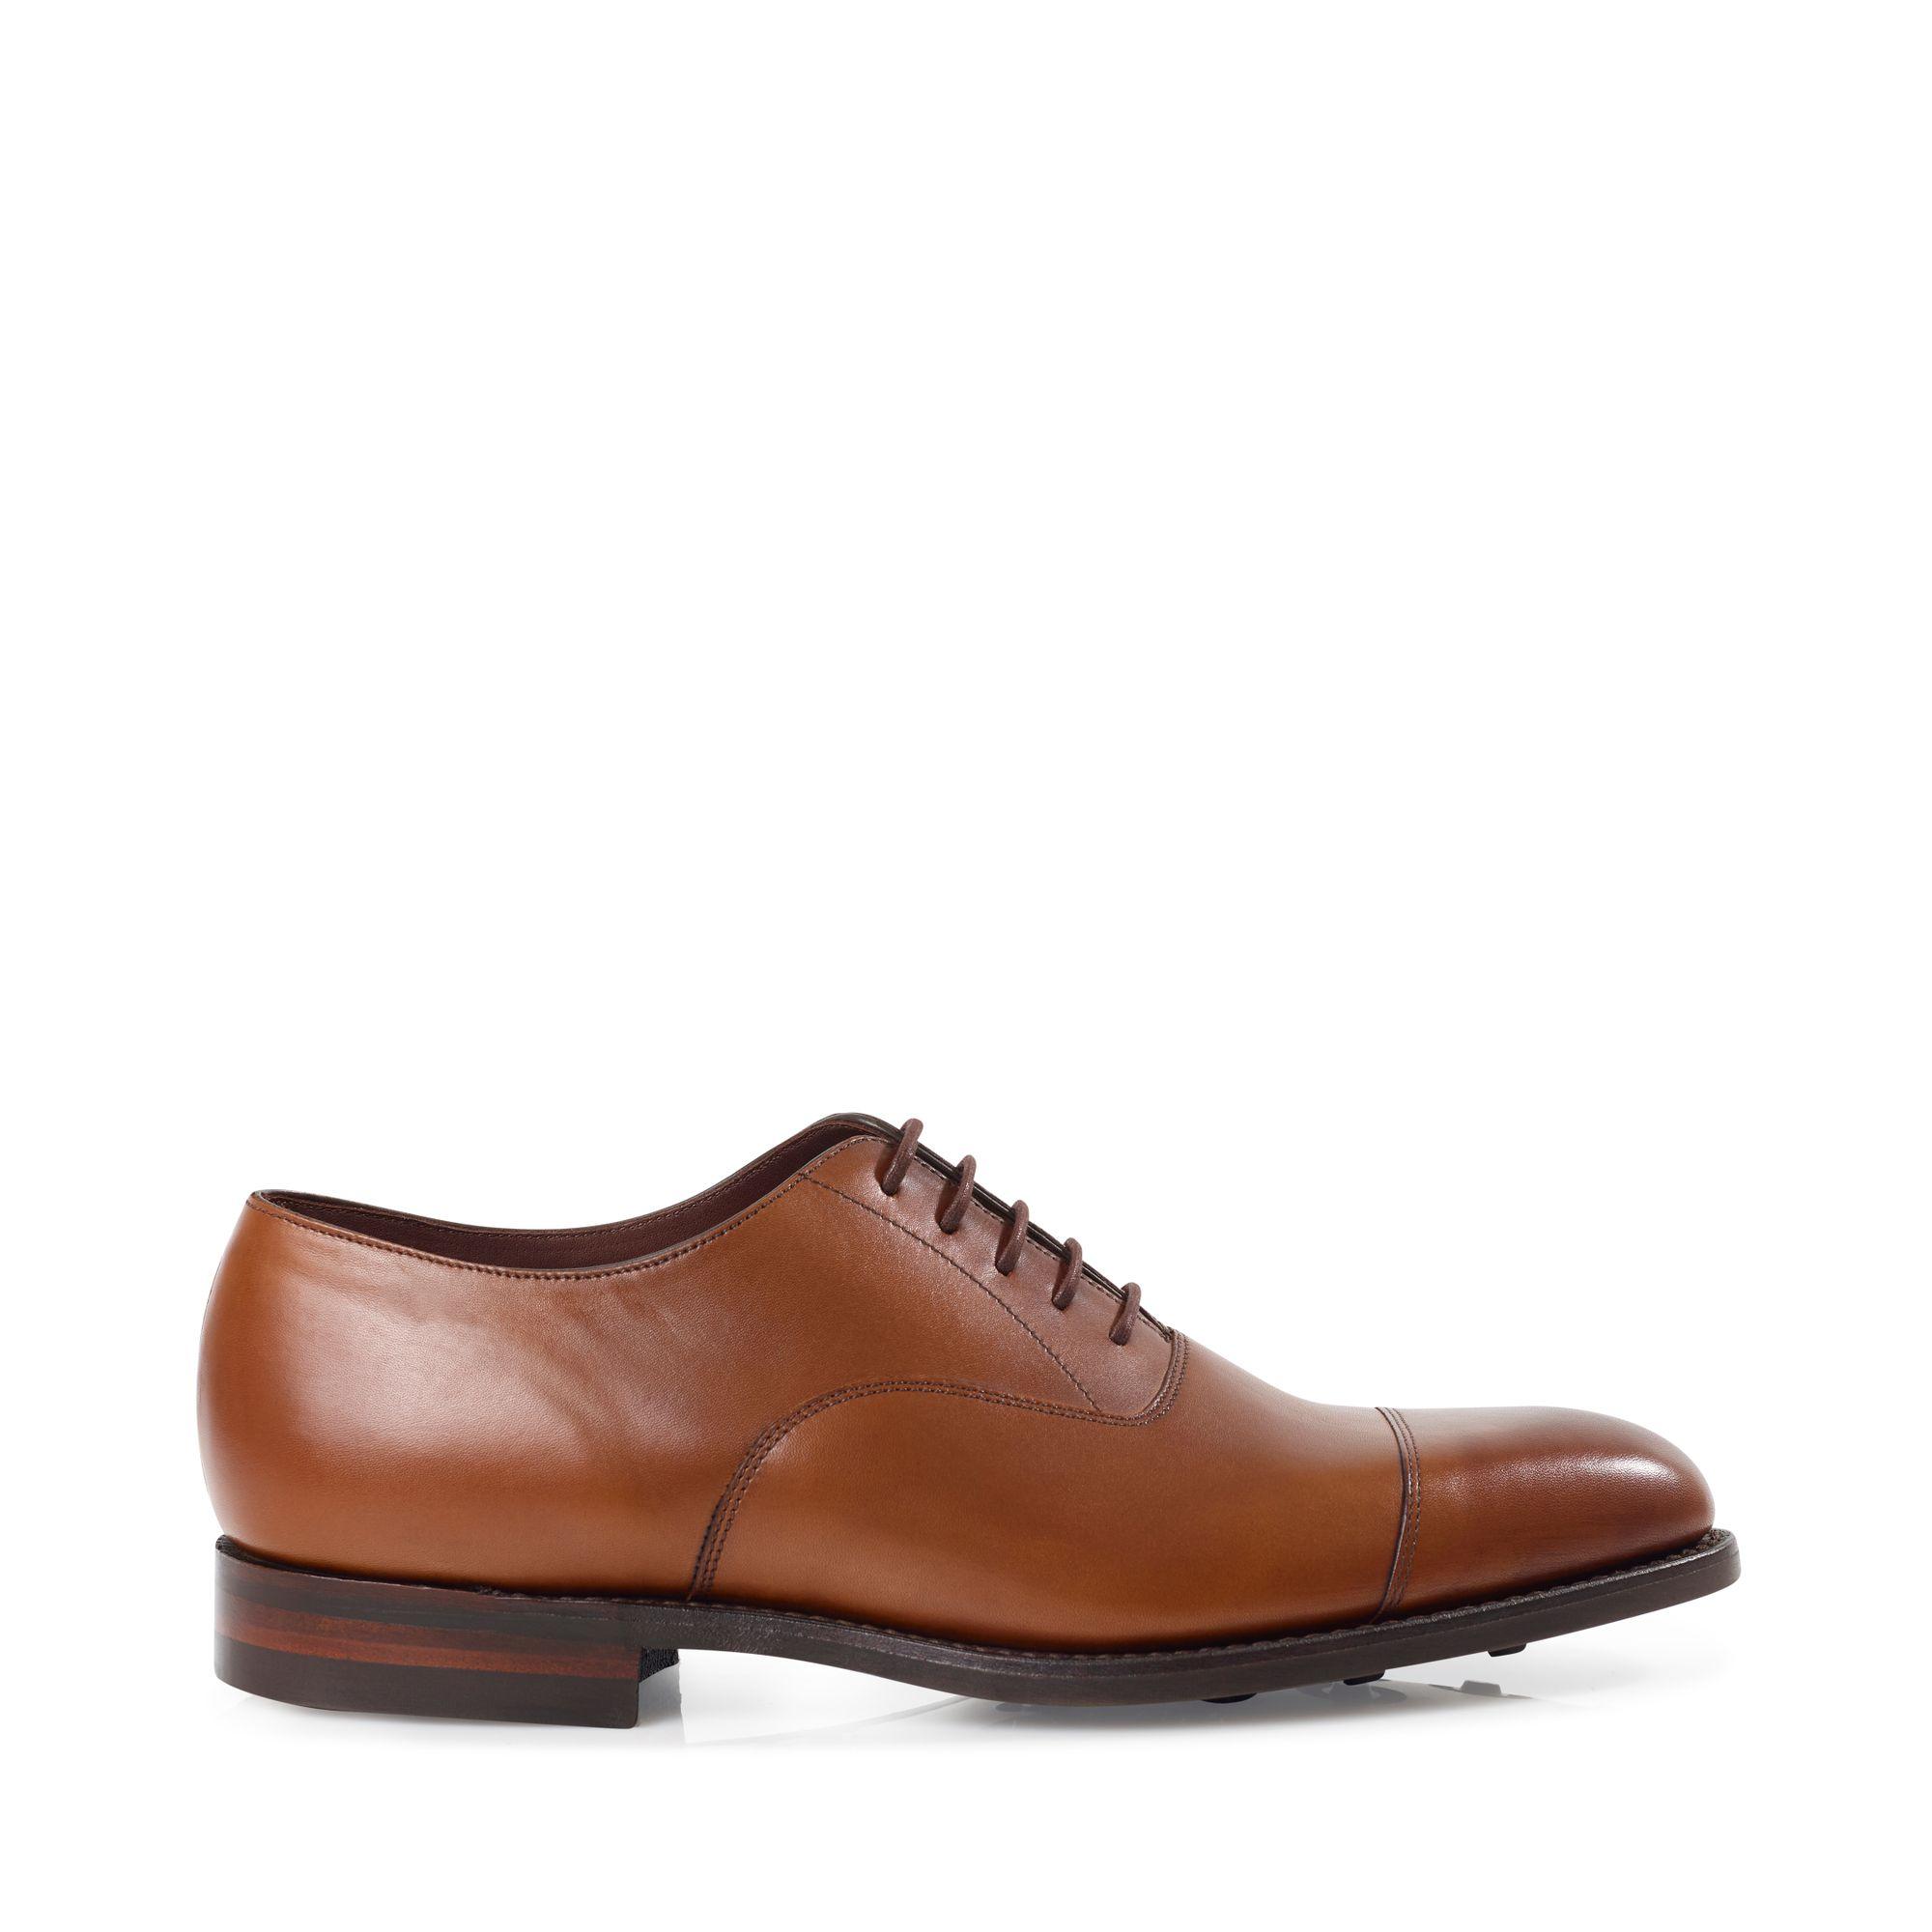 Loake Aldwych skor i skinn, herr Rizzo